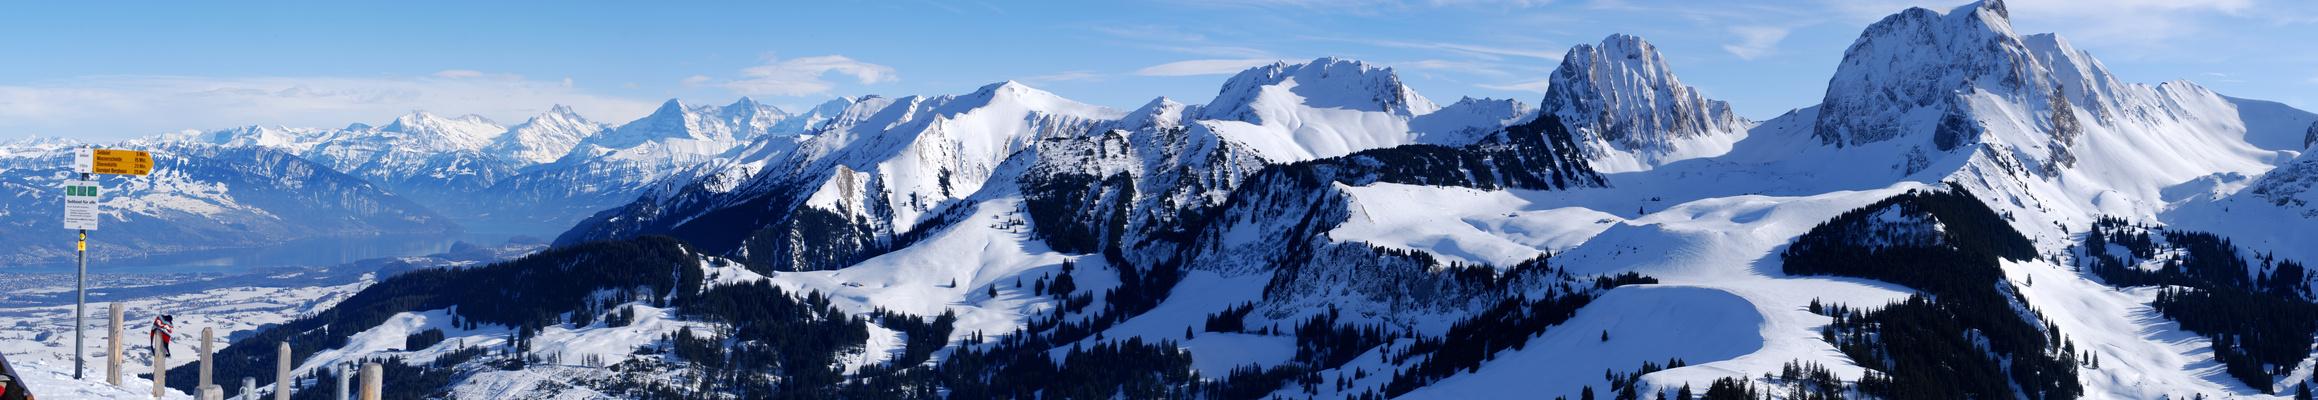 Panorama Gantrisch Bern